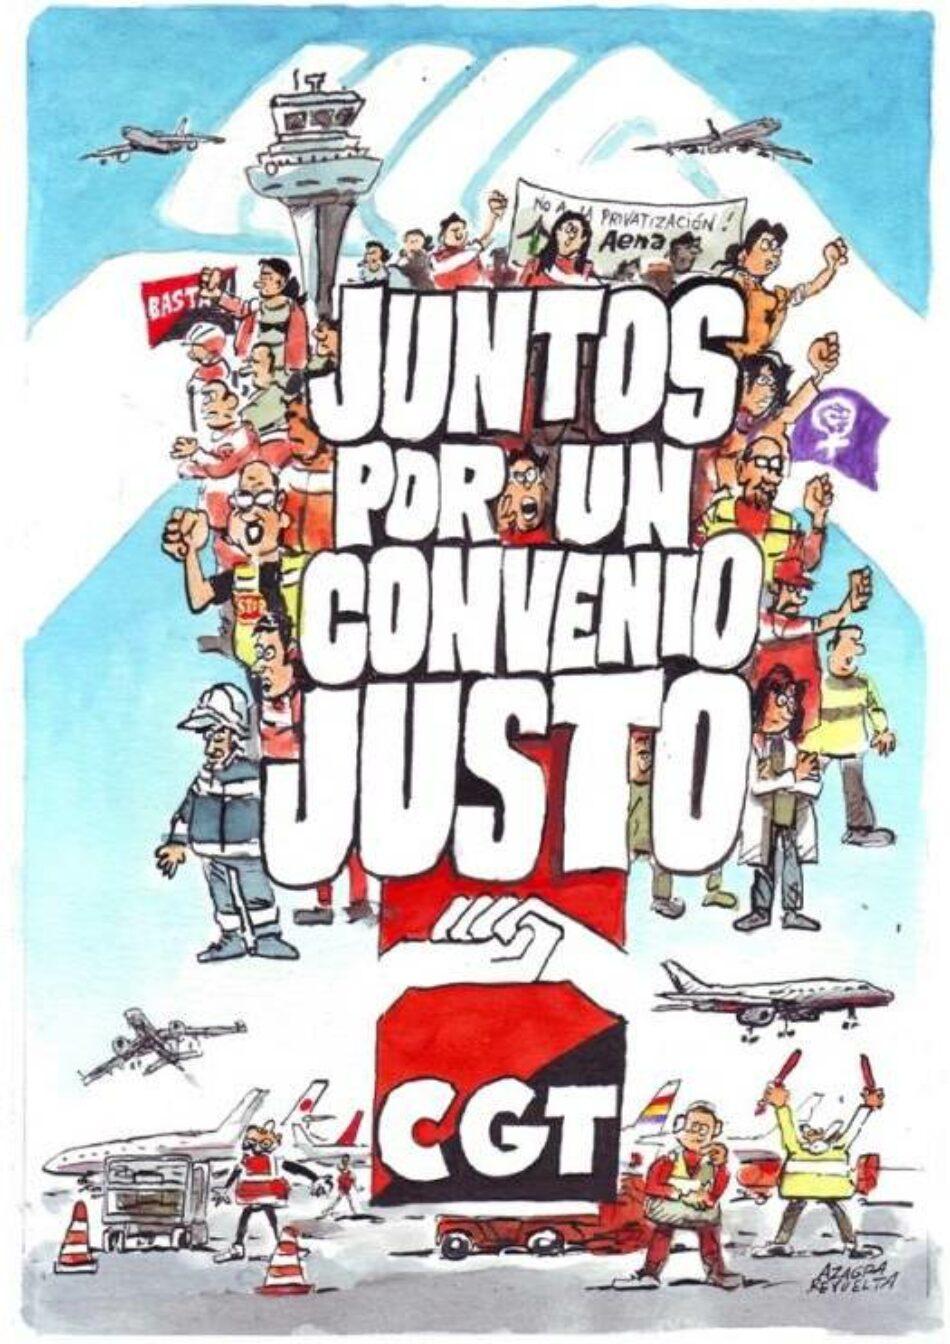 Los trabajadores de Aena en el aeropuerto de Bilbao mantienen las huelgas y paros convocados para este verano